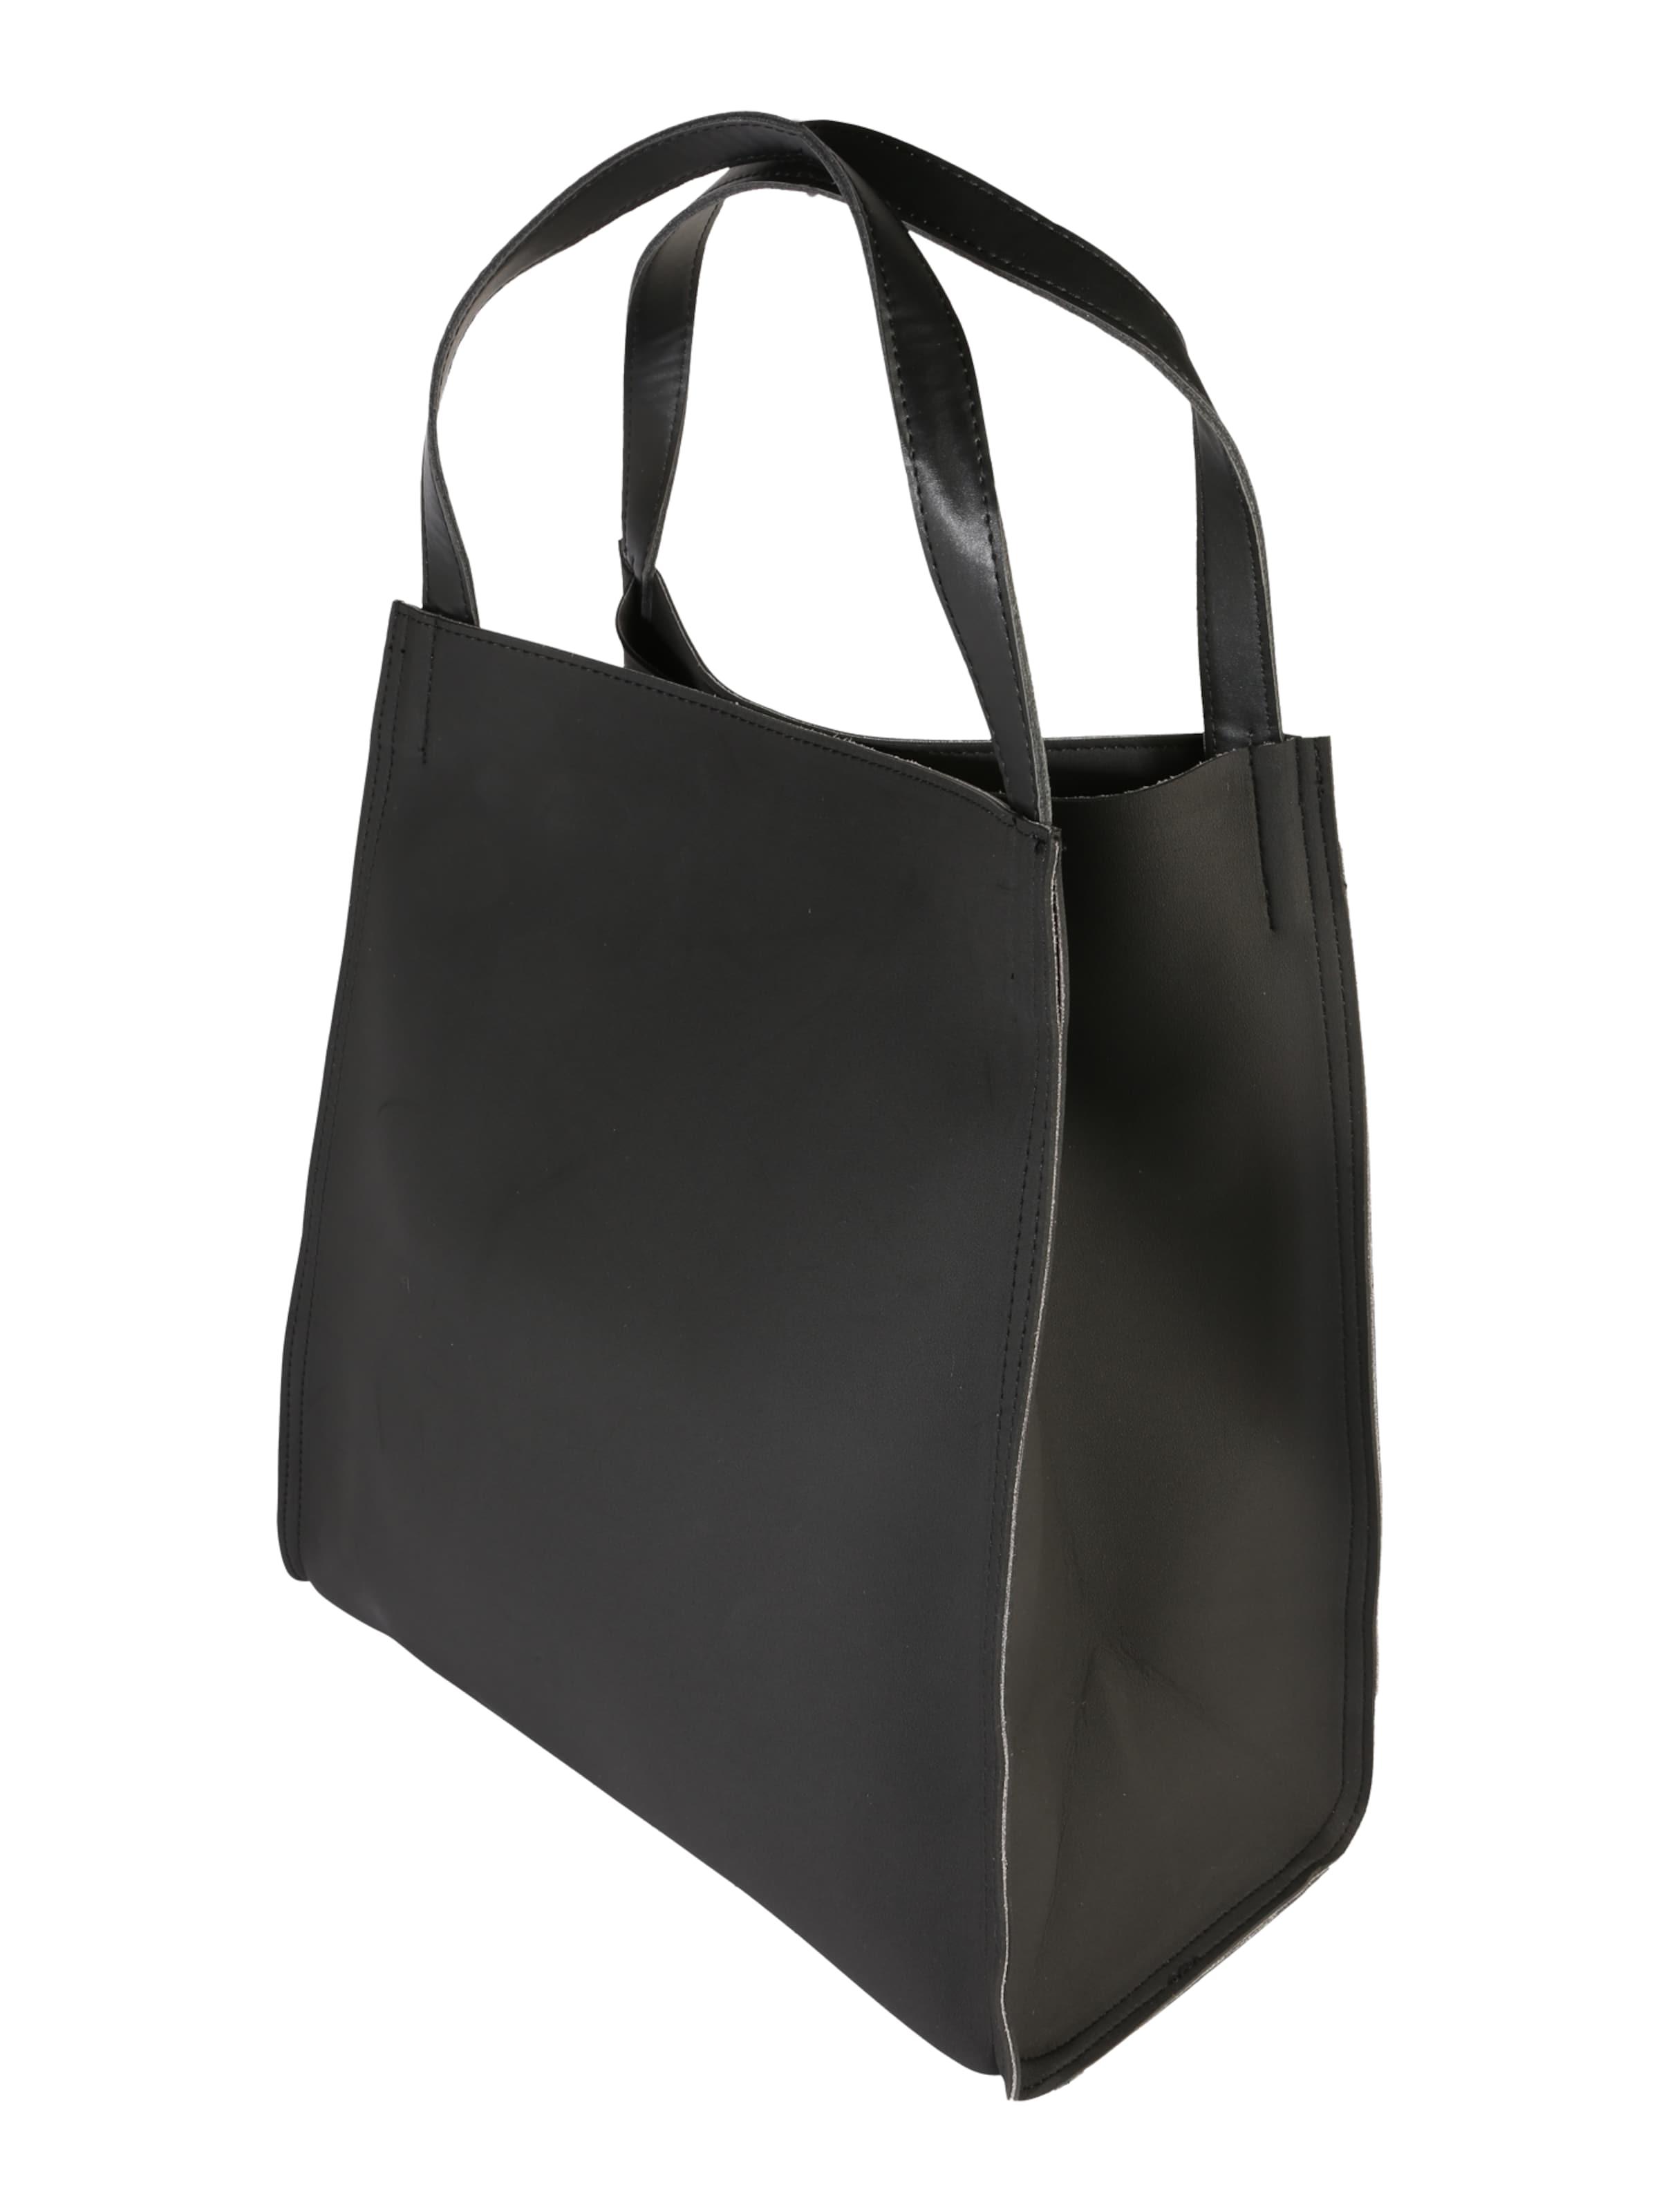 Neue Stile Billig Verkauf Footlocker Finish Mae & Ivy Shopper 'Mila' Freies Verschiffen Fälschung Ausgezeichnete Günstig Online Günstig Kaufen Neue iexy7KAFFw